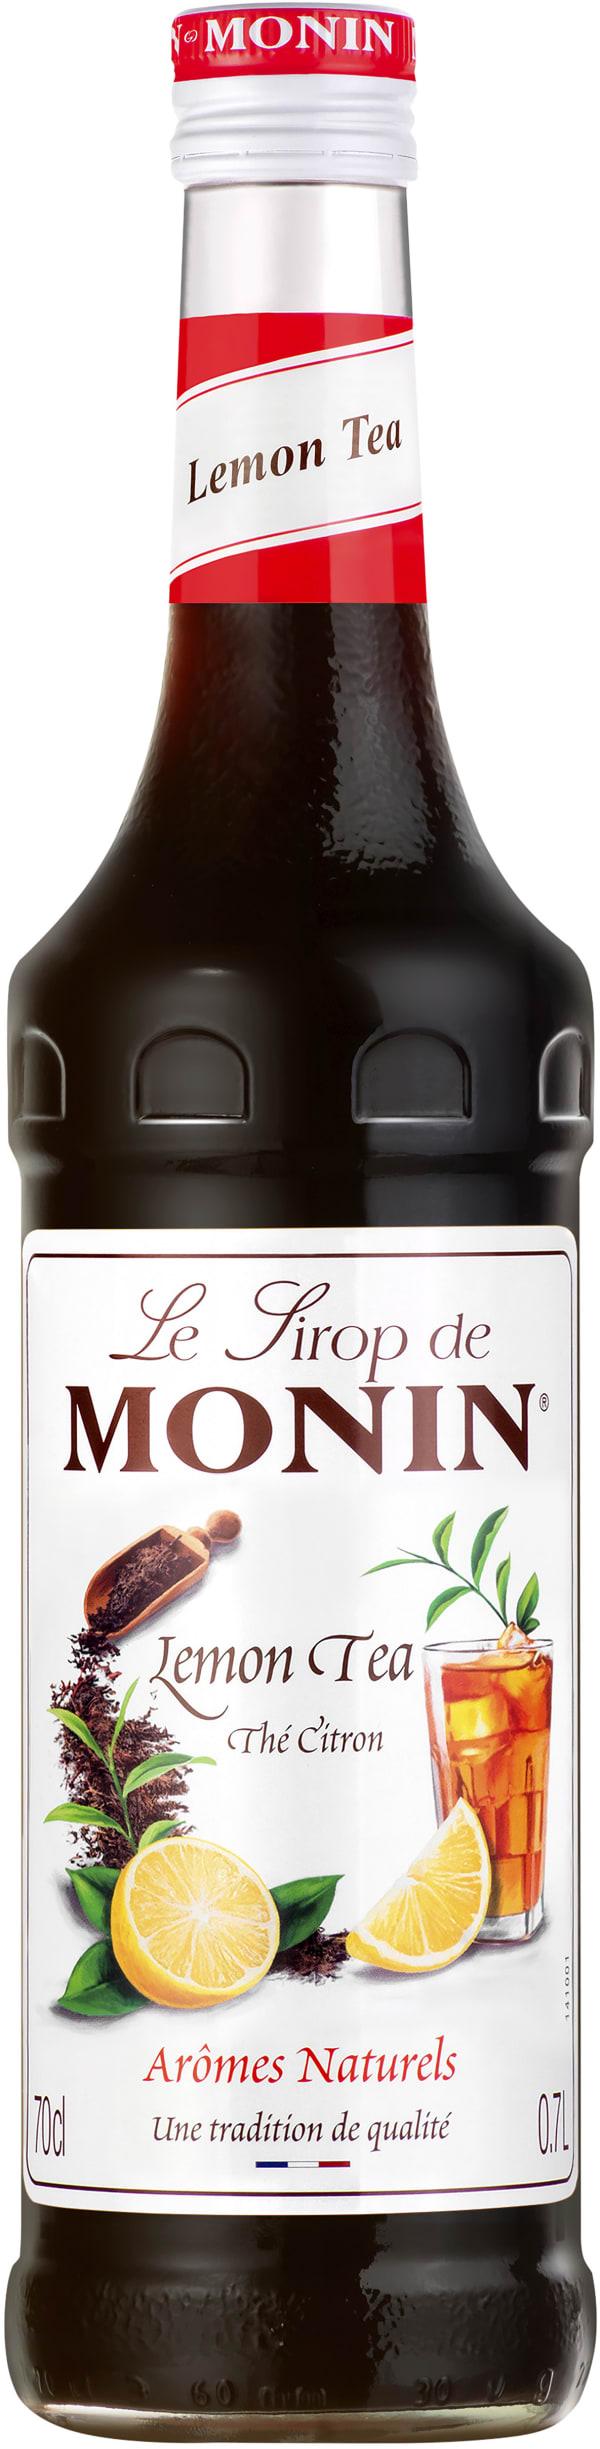 Le Sirop de Monin Lemon Tea